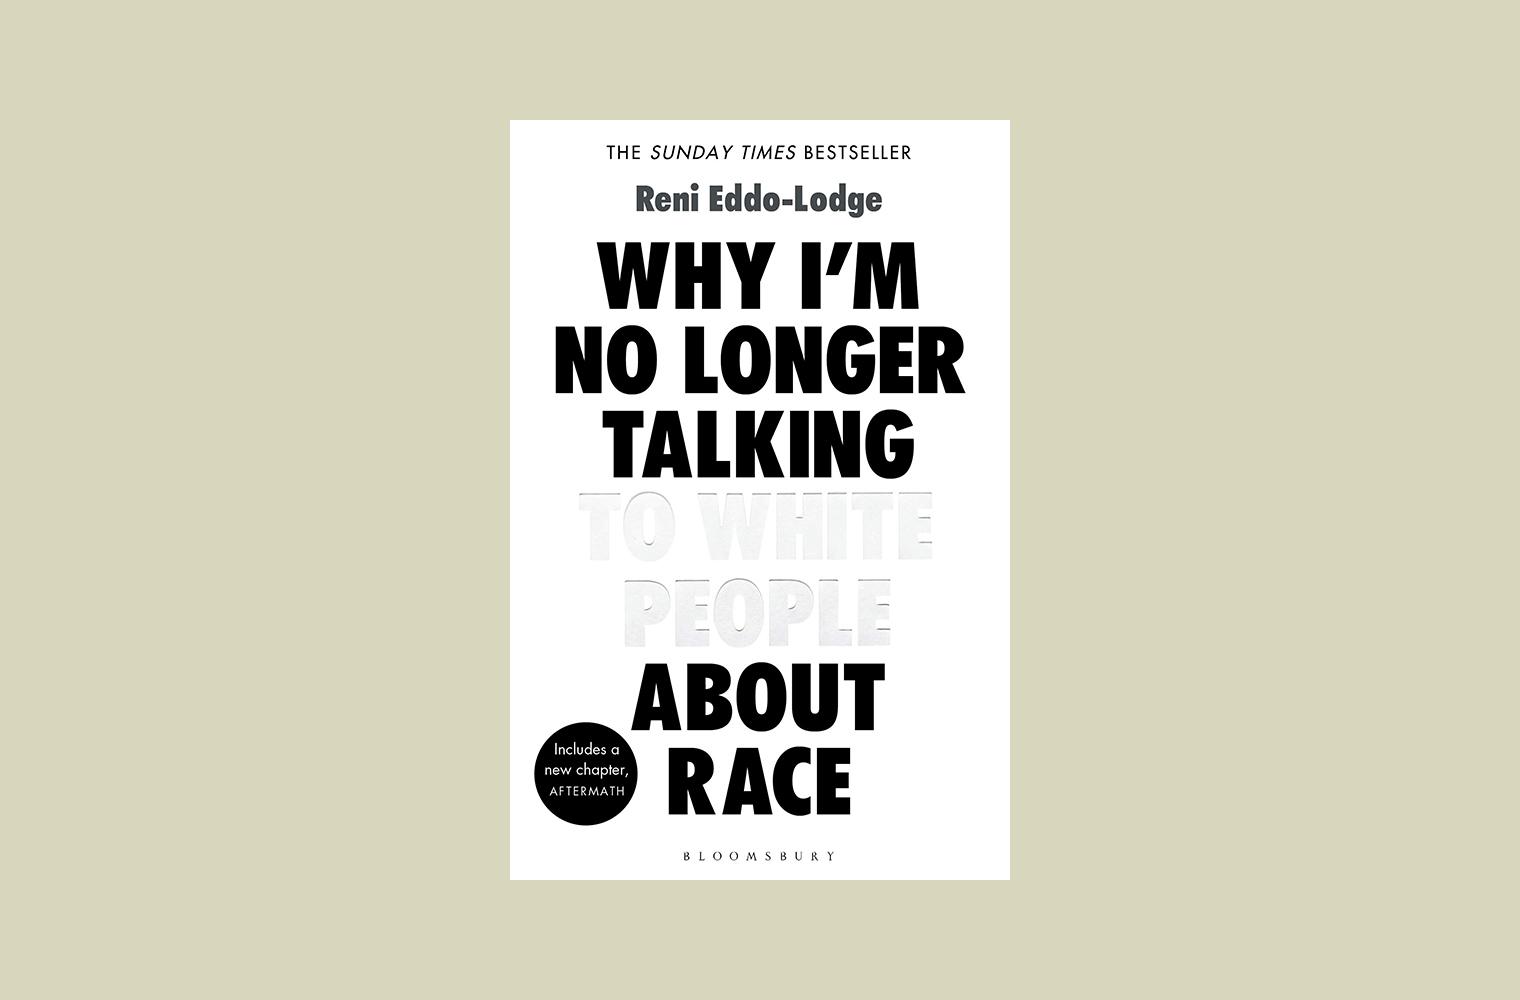 Расизм в книгах и фильмах - Почему я больше не говорю с белыми о расизме